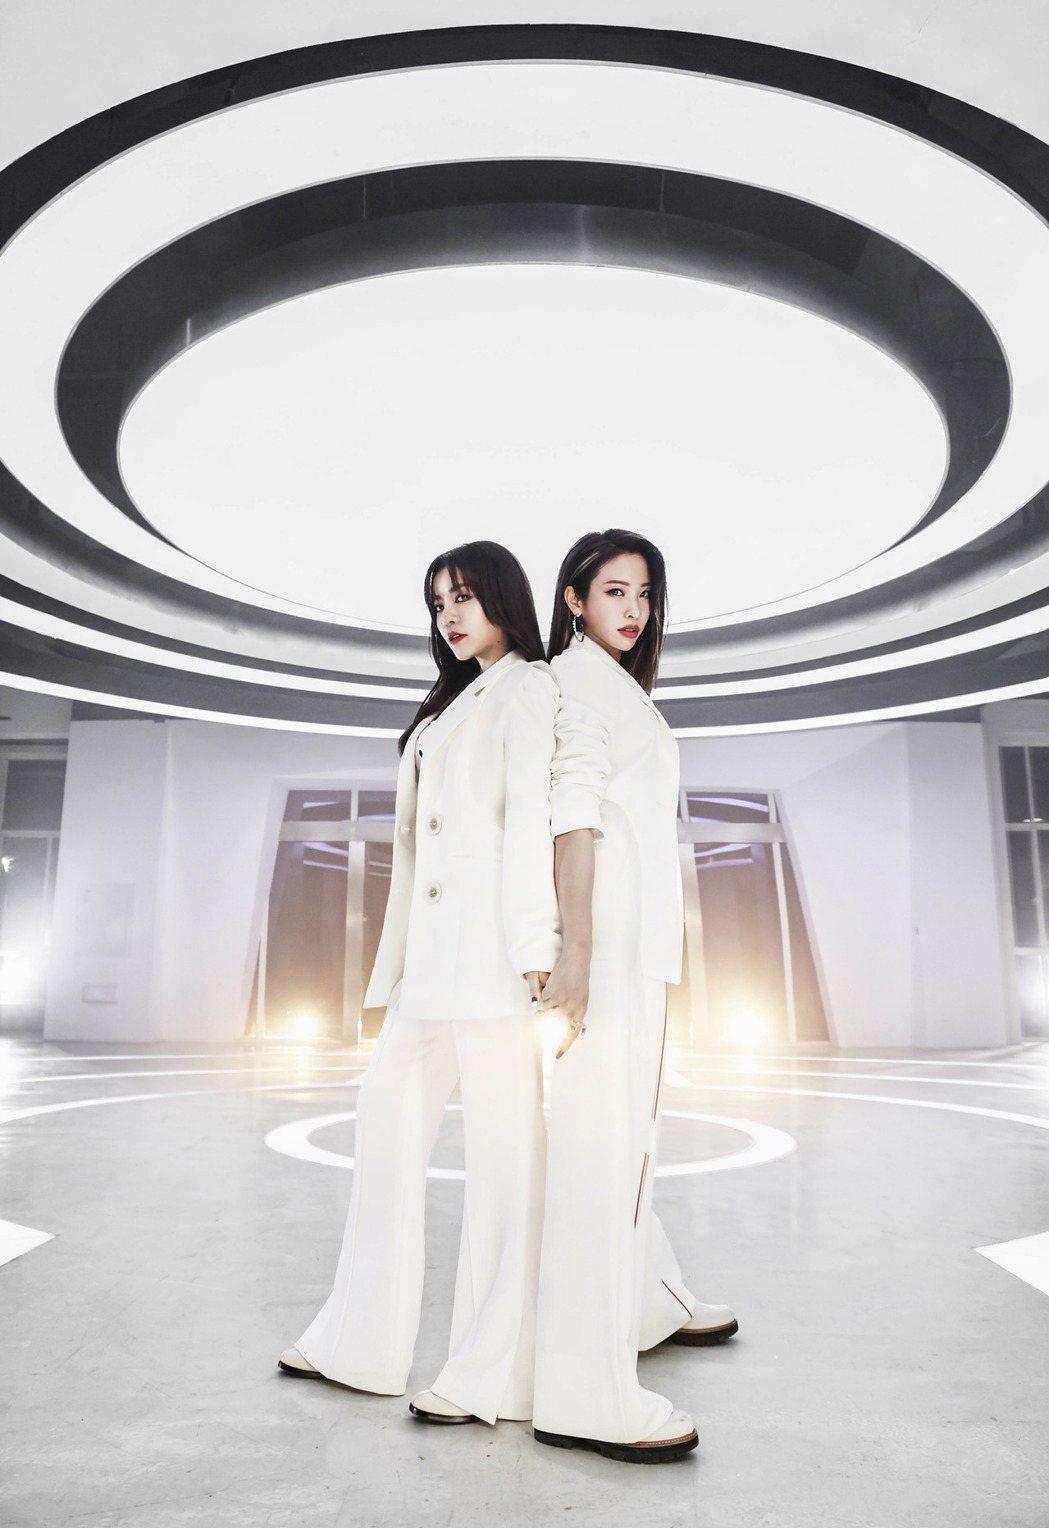 丁噹(左)與袁詠琳共同創作新歌「我要我」,展現女力。圖/相信音樂提供